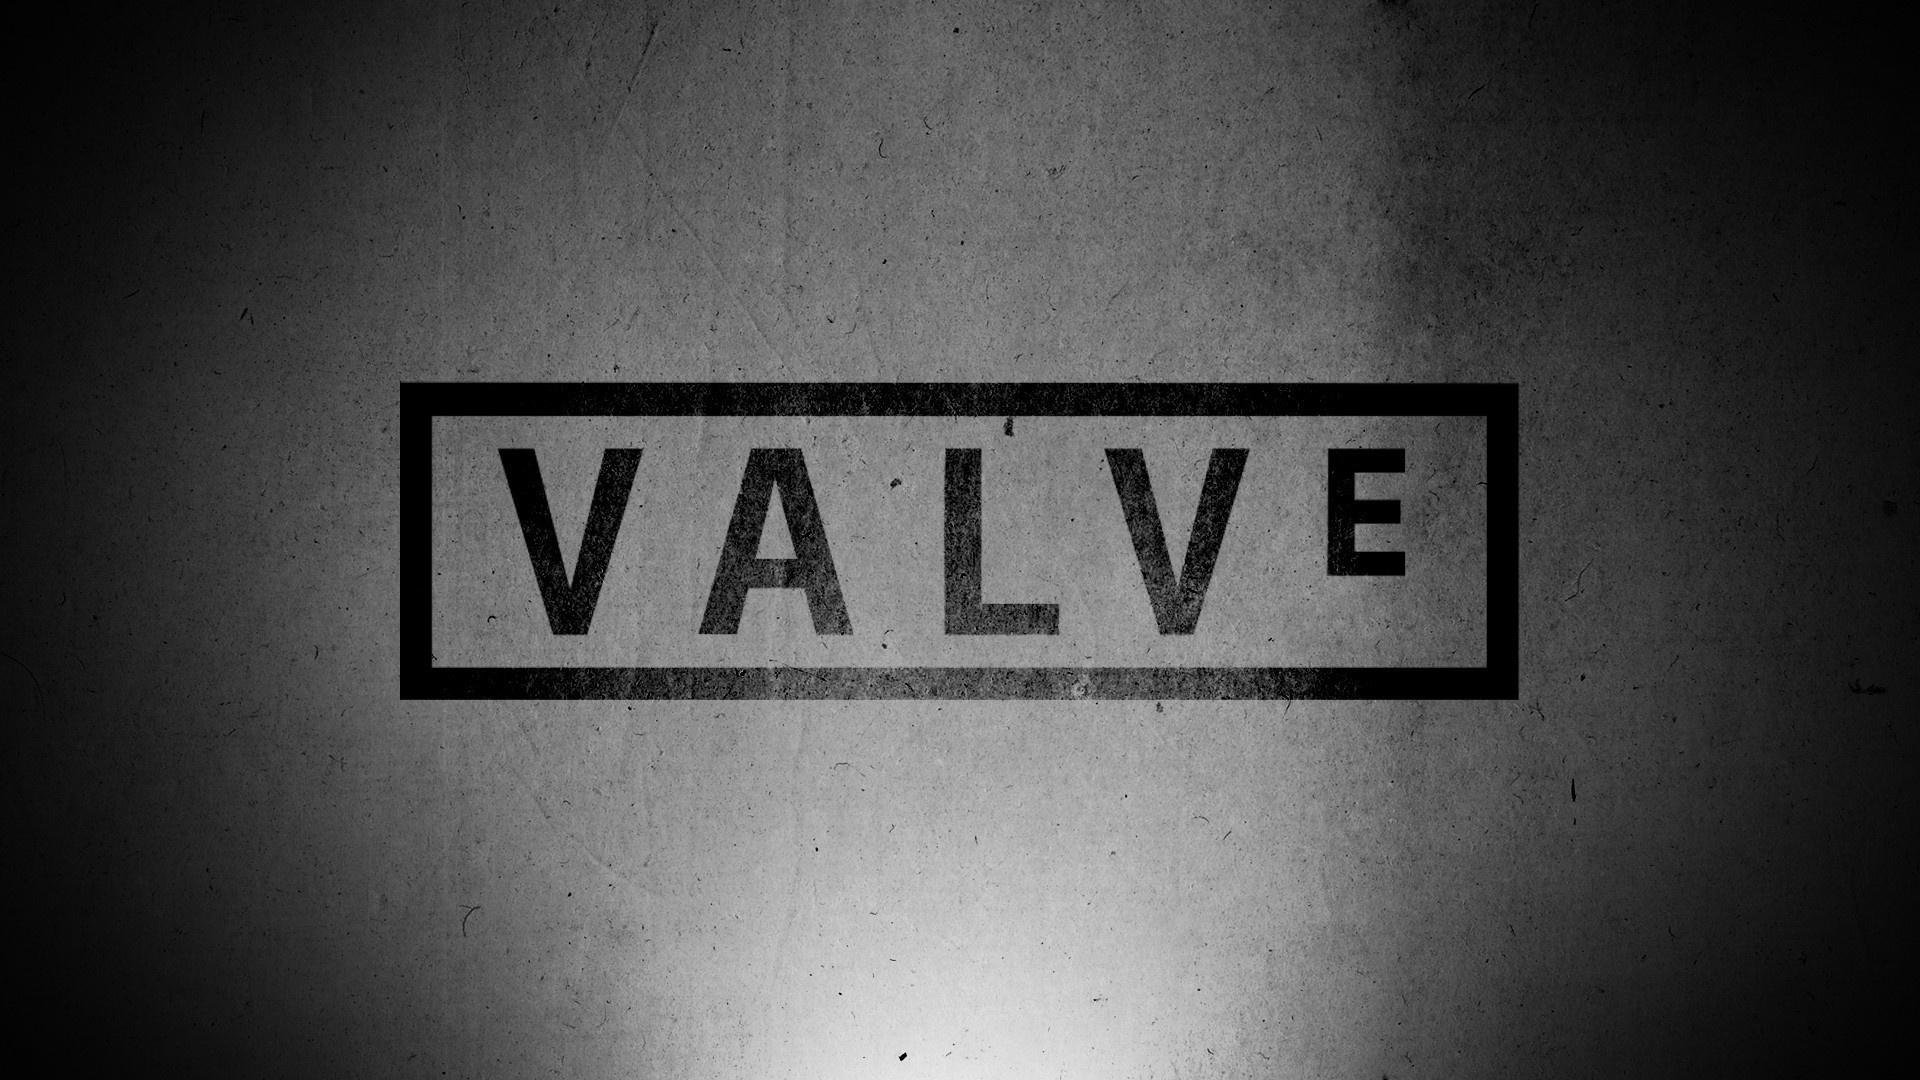 Valve обновила условия соглашения для разработчиков